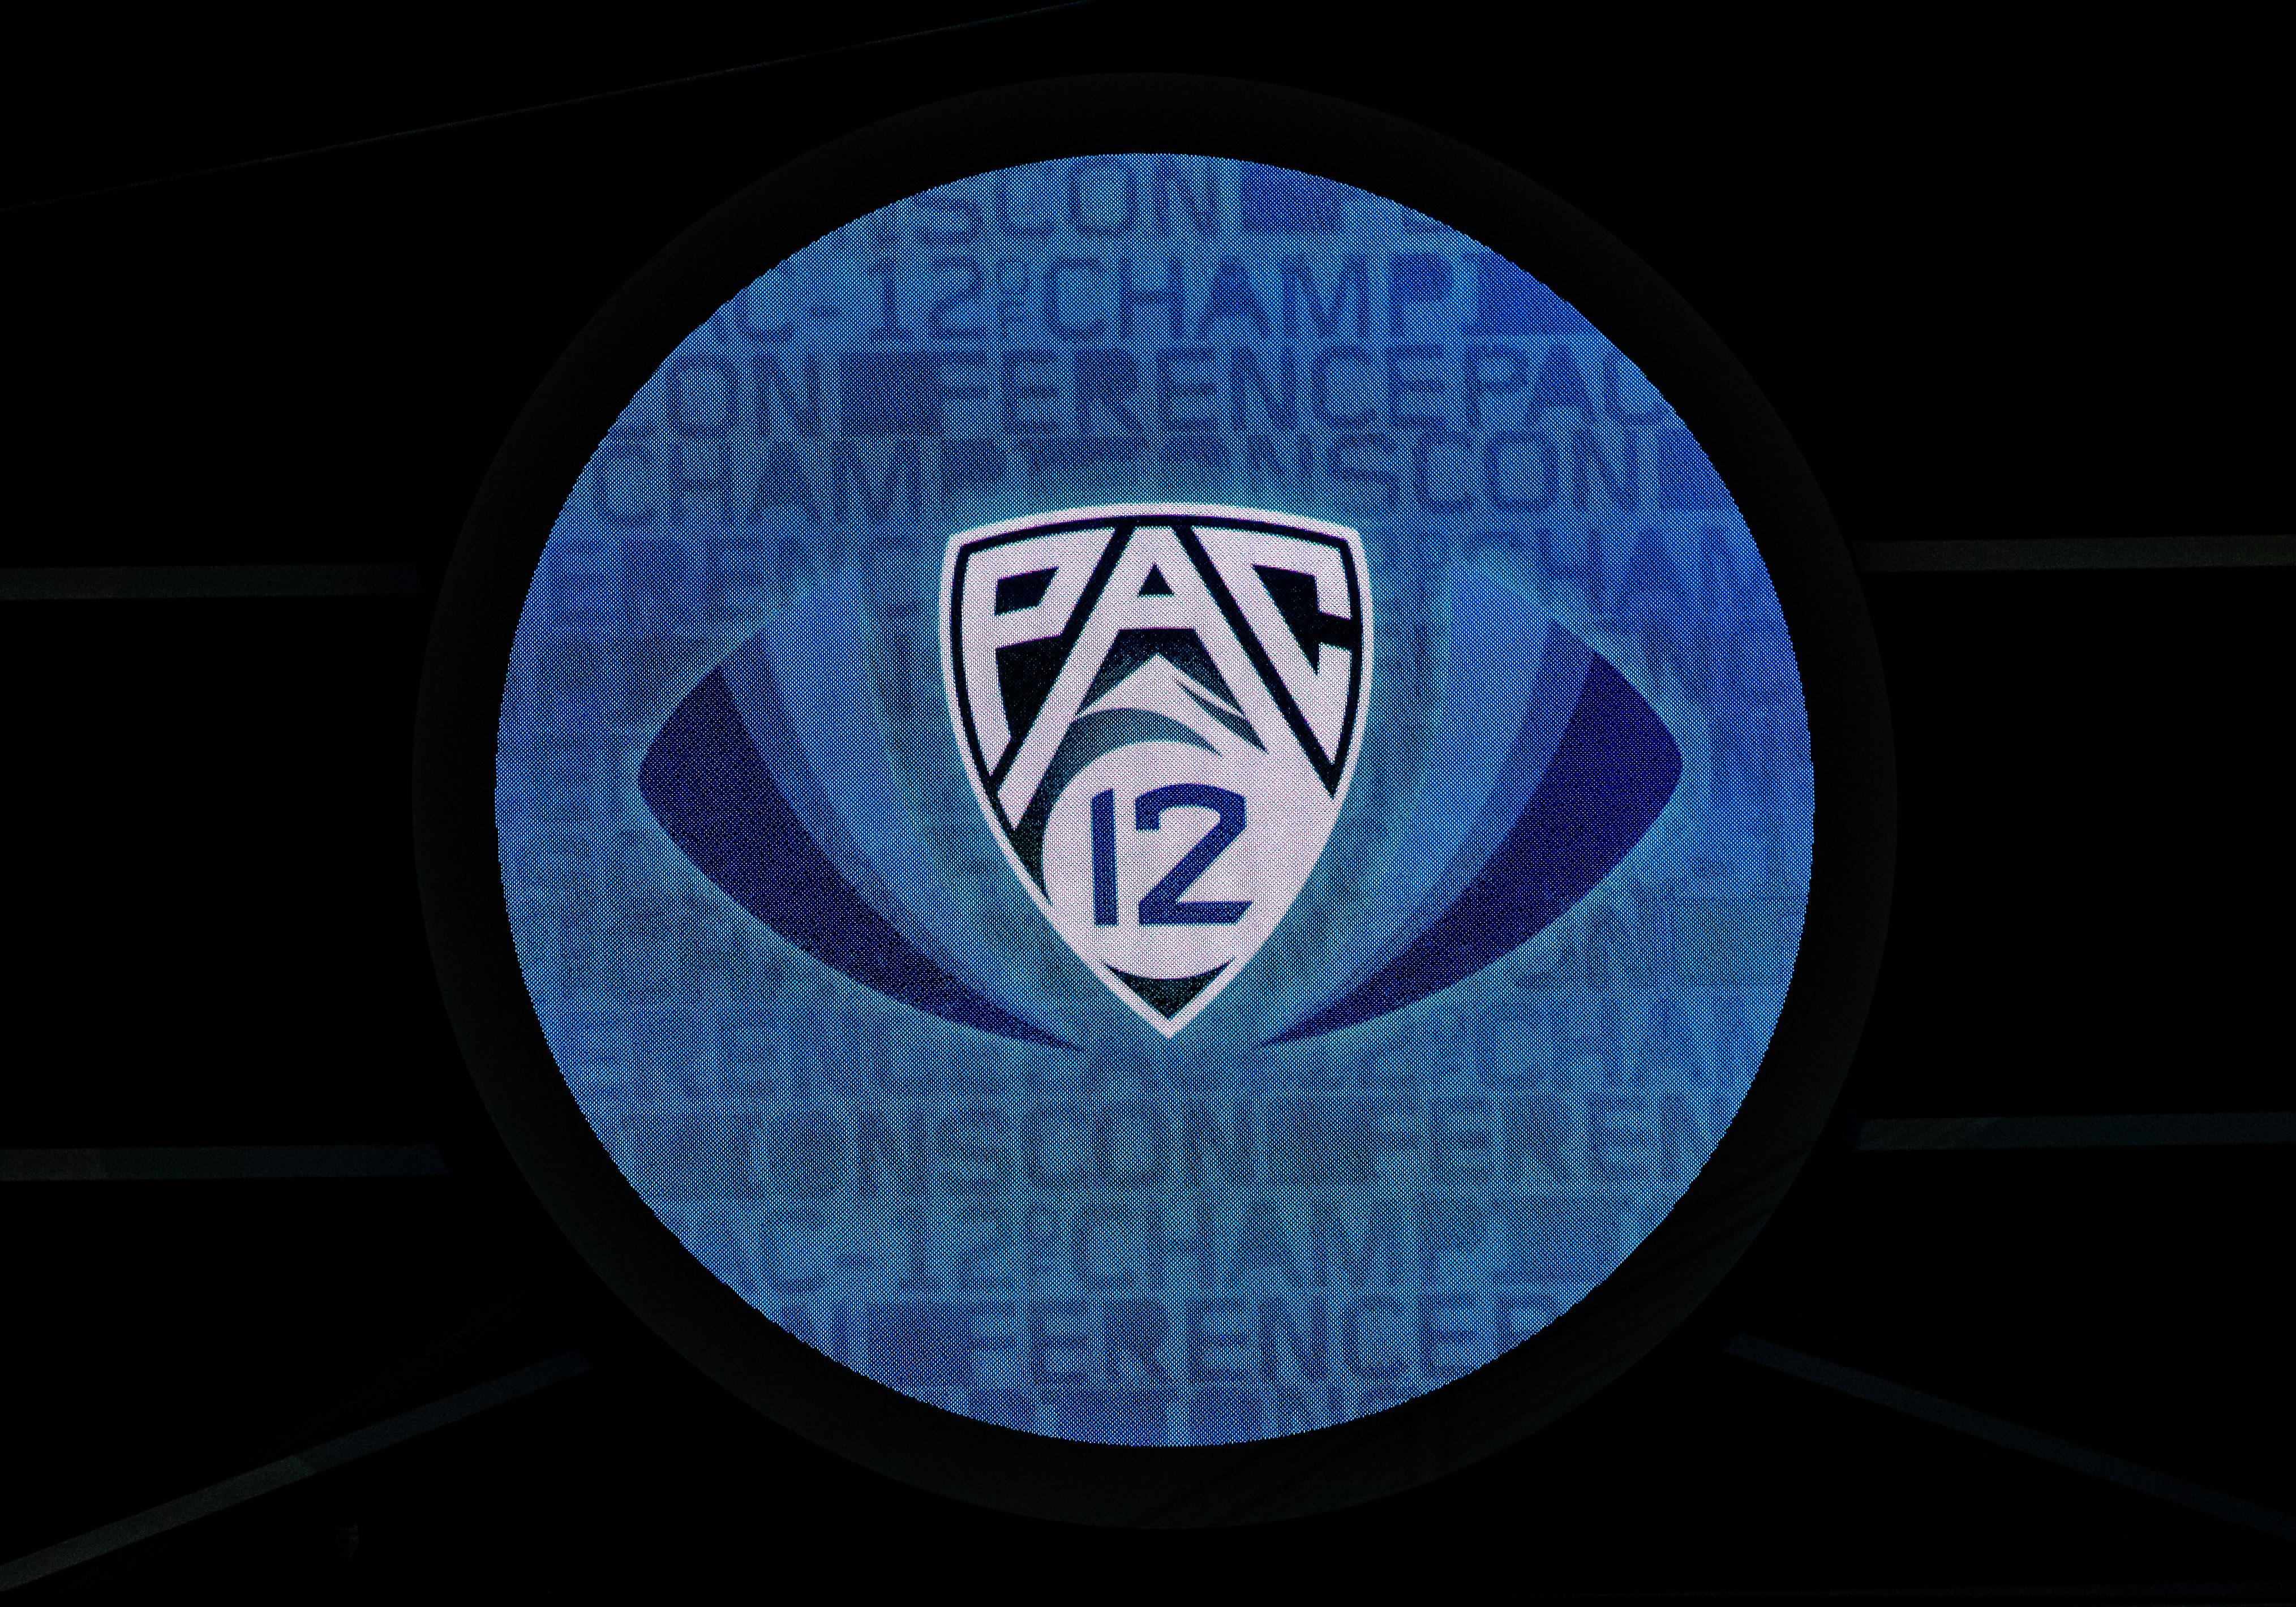 COLLEGE FOOTBALL: NOV 30 Pac-12 Championship Game - Washington v Utah